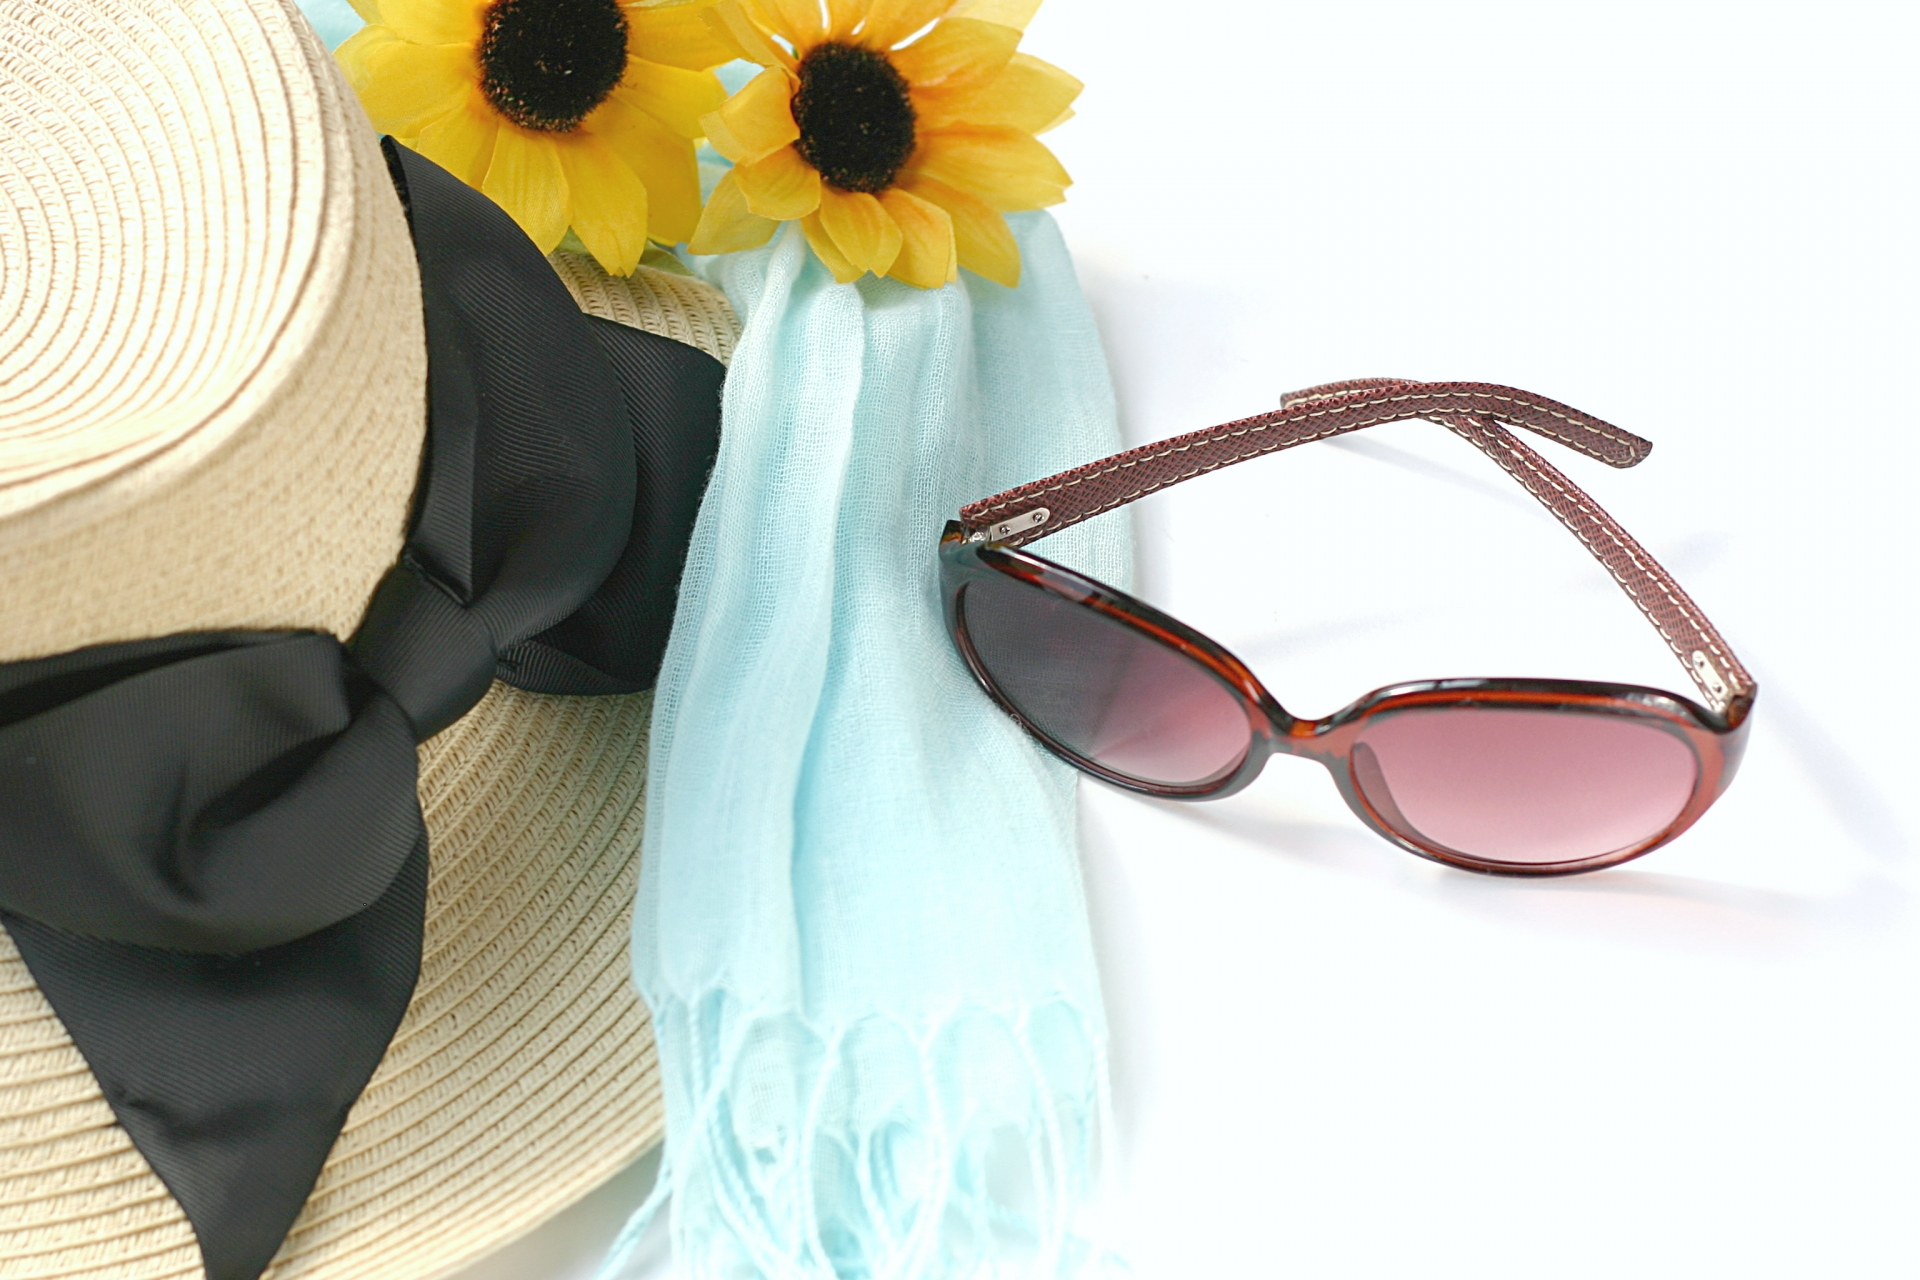 紫外線の対策はココで学ぶ!服装の提案や有効的な色、人気グッズはこれ!